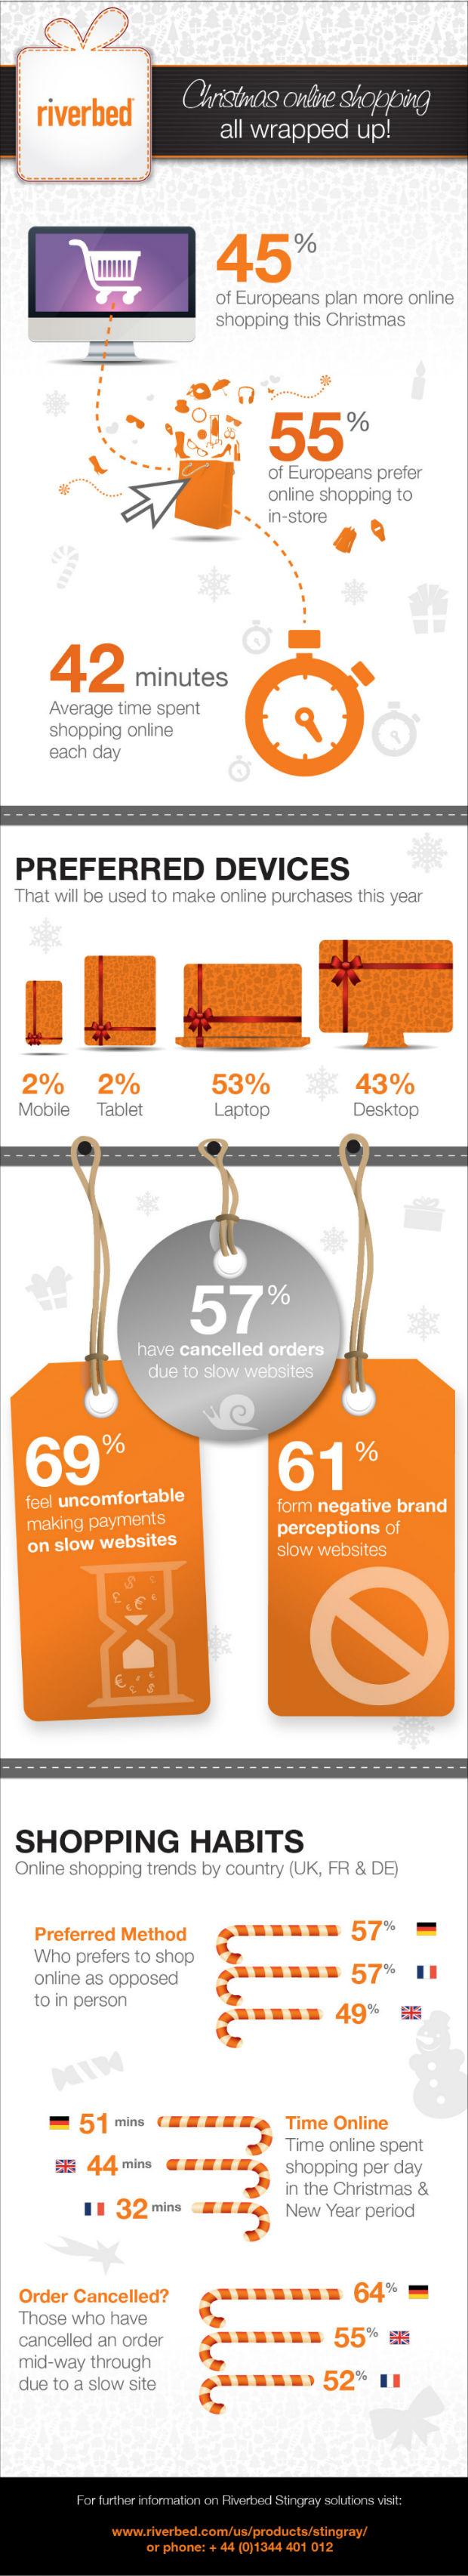 Estudio de Riverbed: los clientes de tiendas online demandan un mejor rendimiento de las webs en temporada navideña